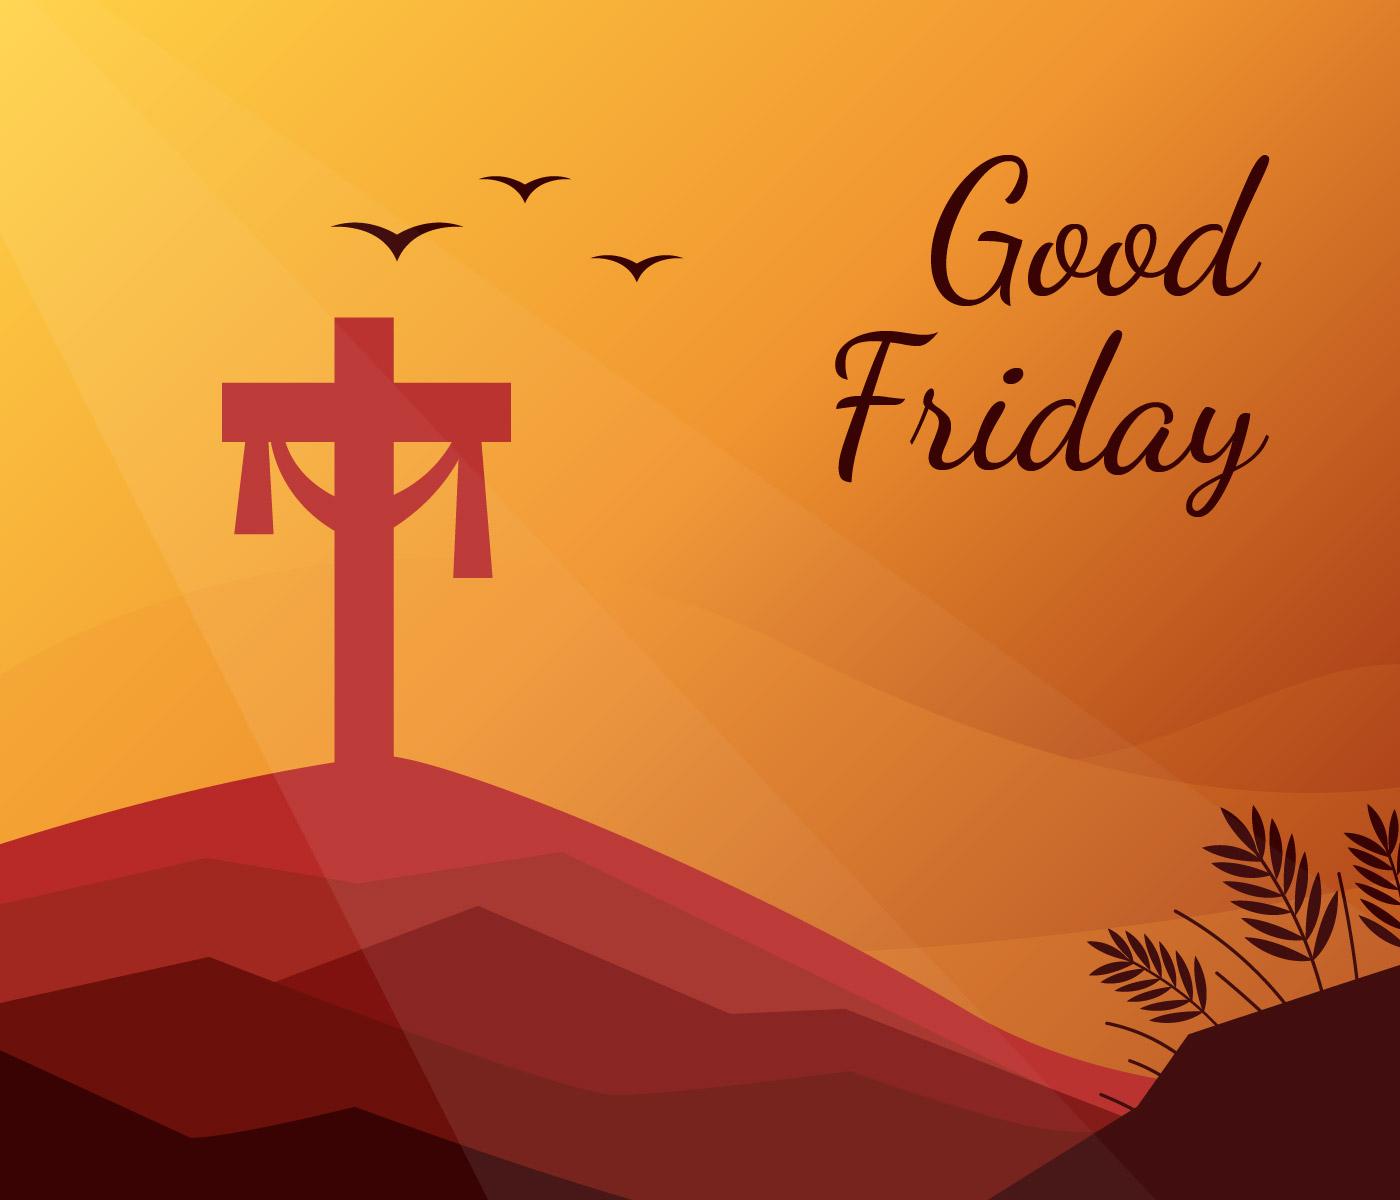 Jesus Cross Good Friday Background 194311 - Download Free Vectors, Clipart Graphics & Vector Art